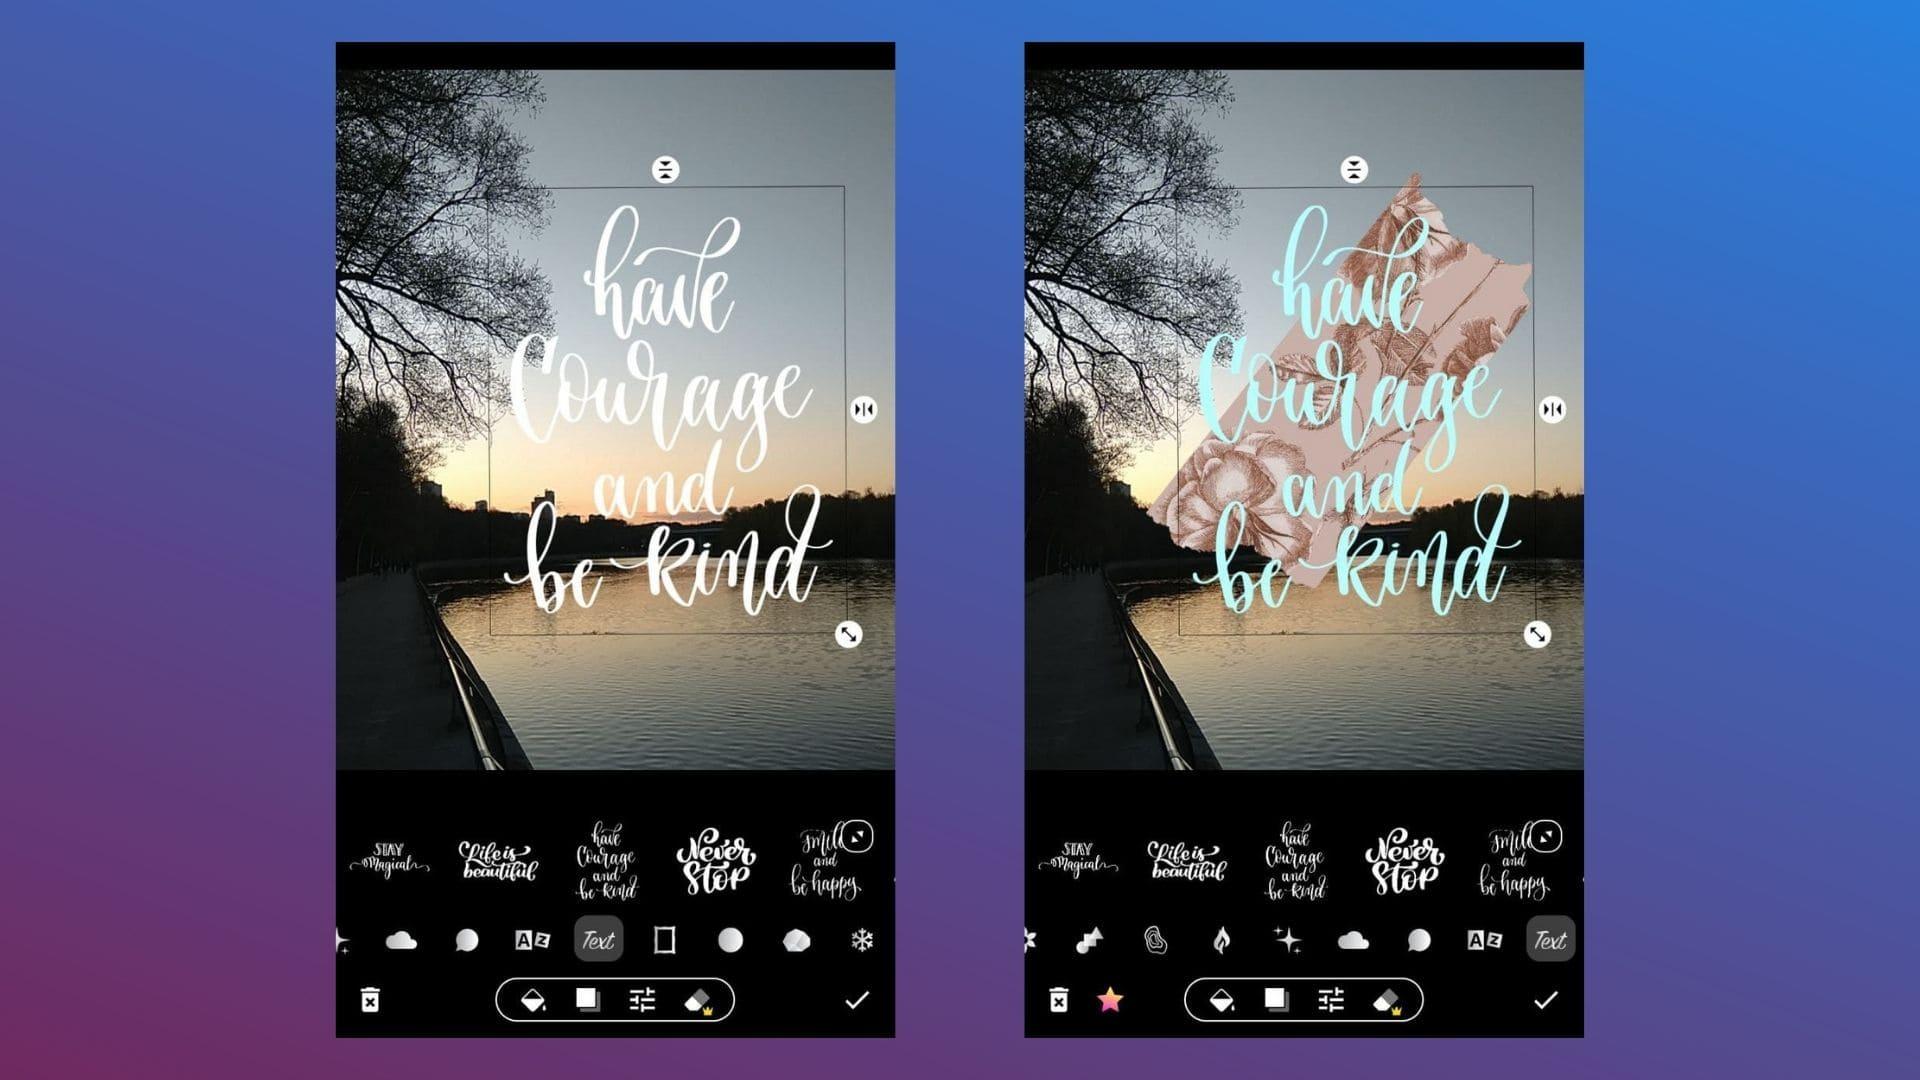 Приложение позволяет делать стильные обложки для постов